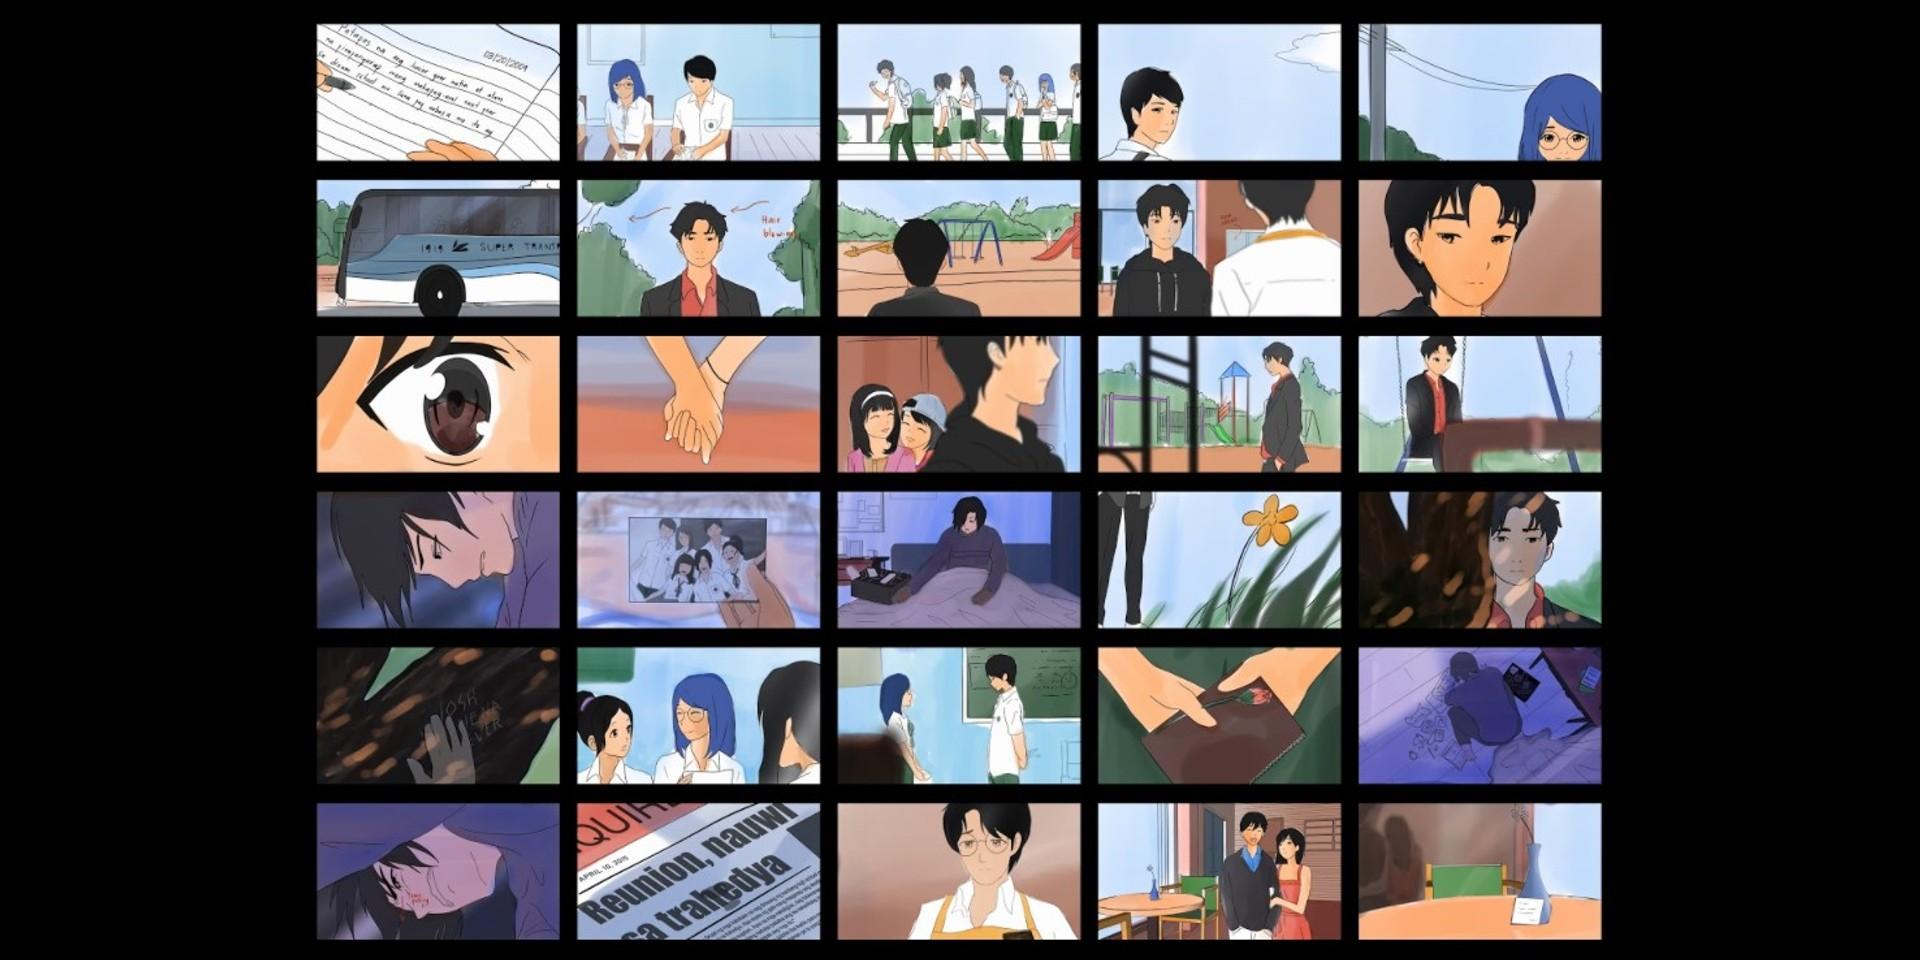 Behind the Lens: JujuArts on creating and animating SB19's 'Hanggang Sa Huli' music video